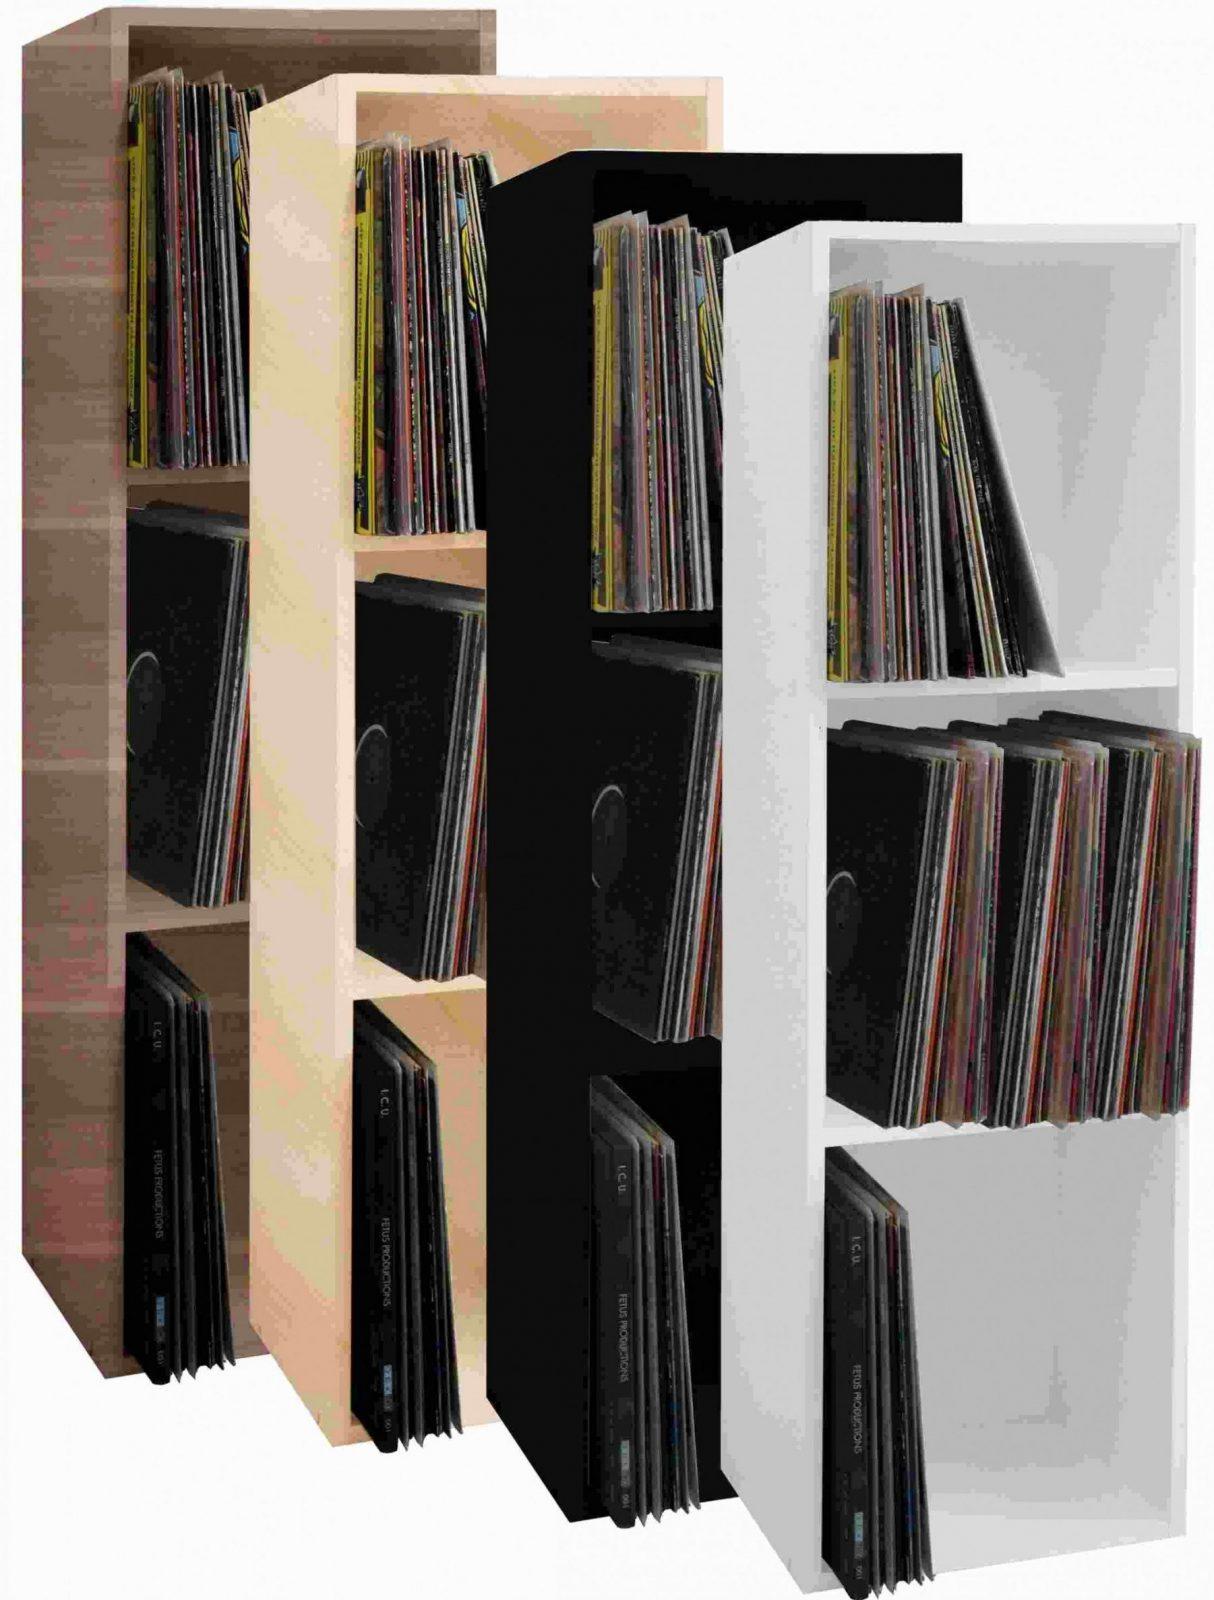 Beeindruckend Schallplatten Regal Selber Bauen Für Schallplatten von Schallplatten Regal Selber Bauen Photo